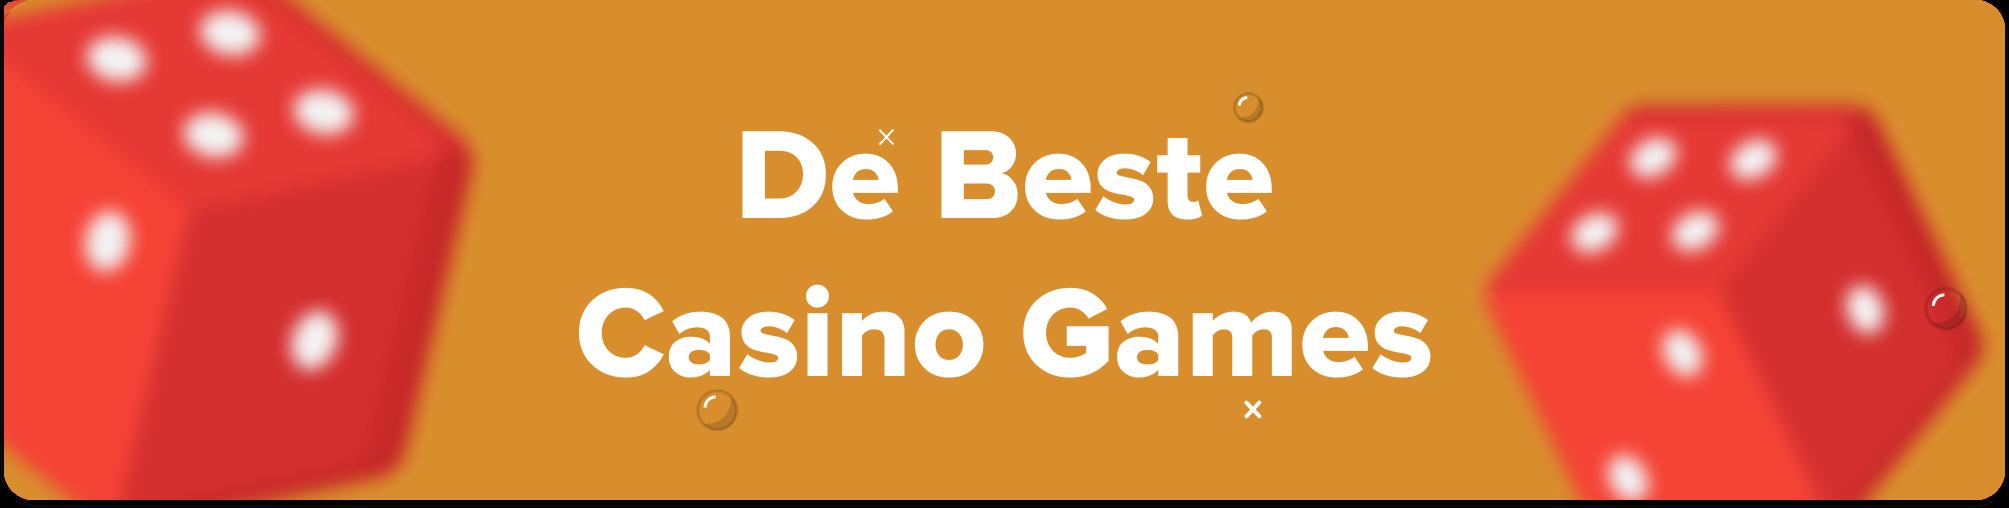 de beste online casino games